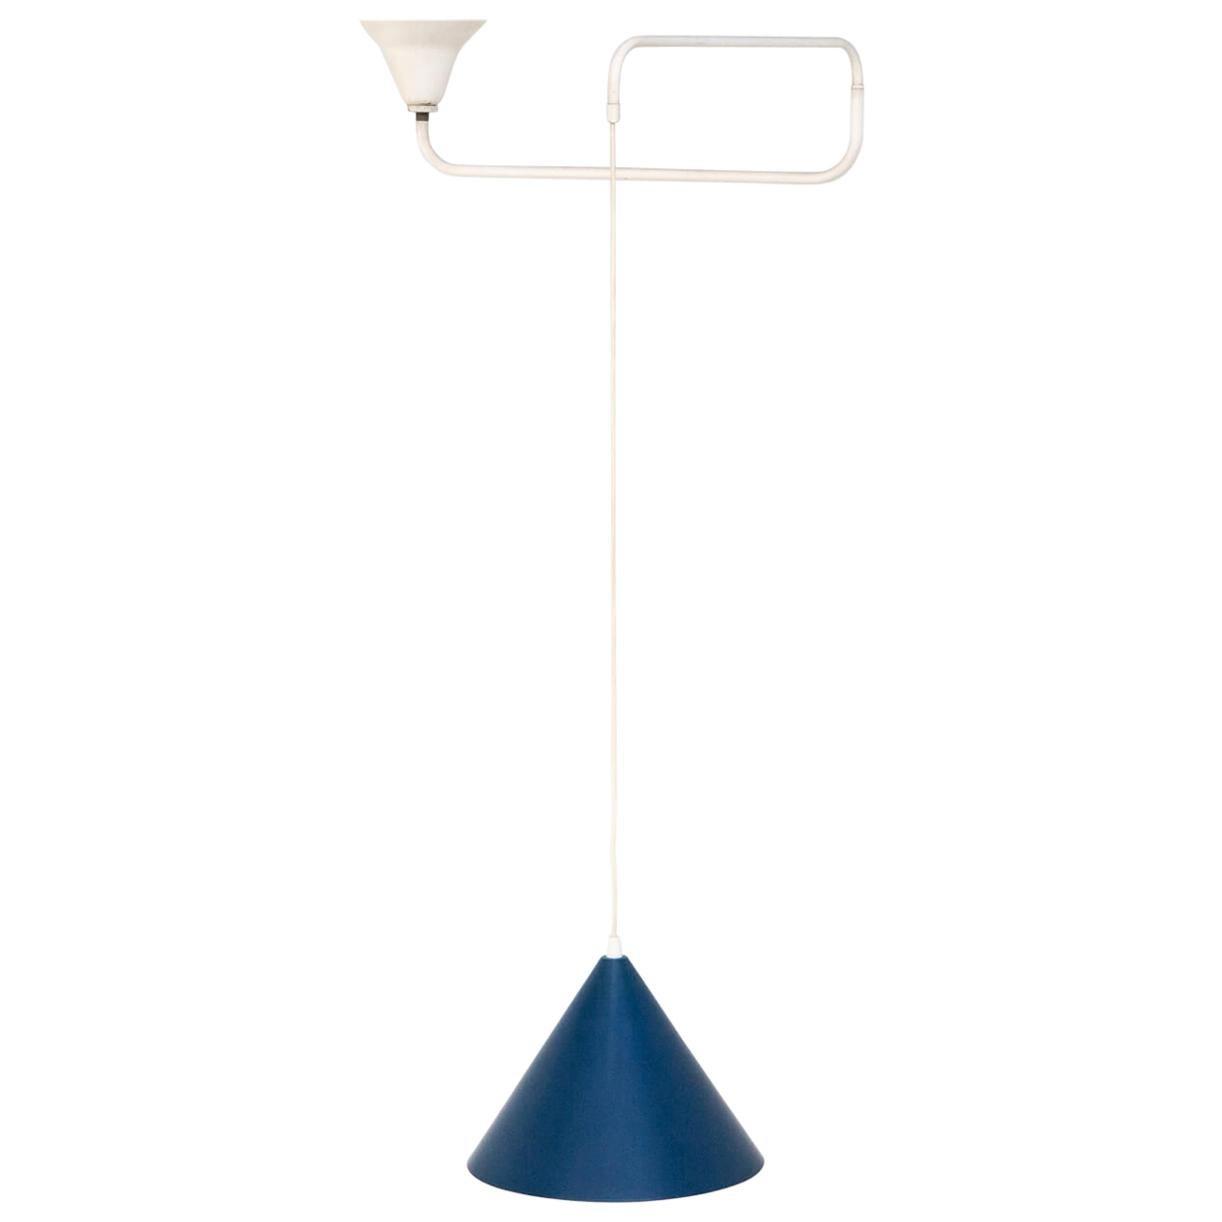 1960s Blue Metal Hanging Lamp, Hoogervorst Anvia